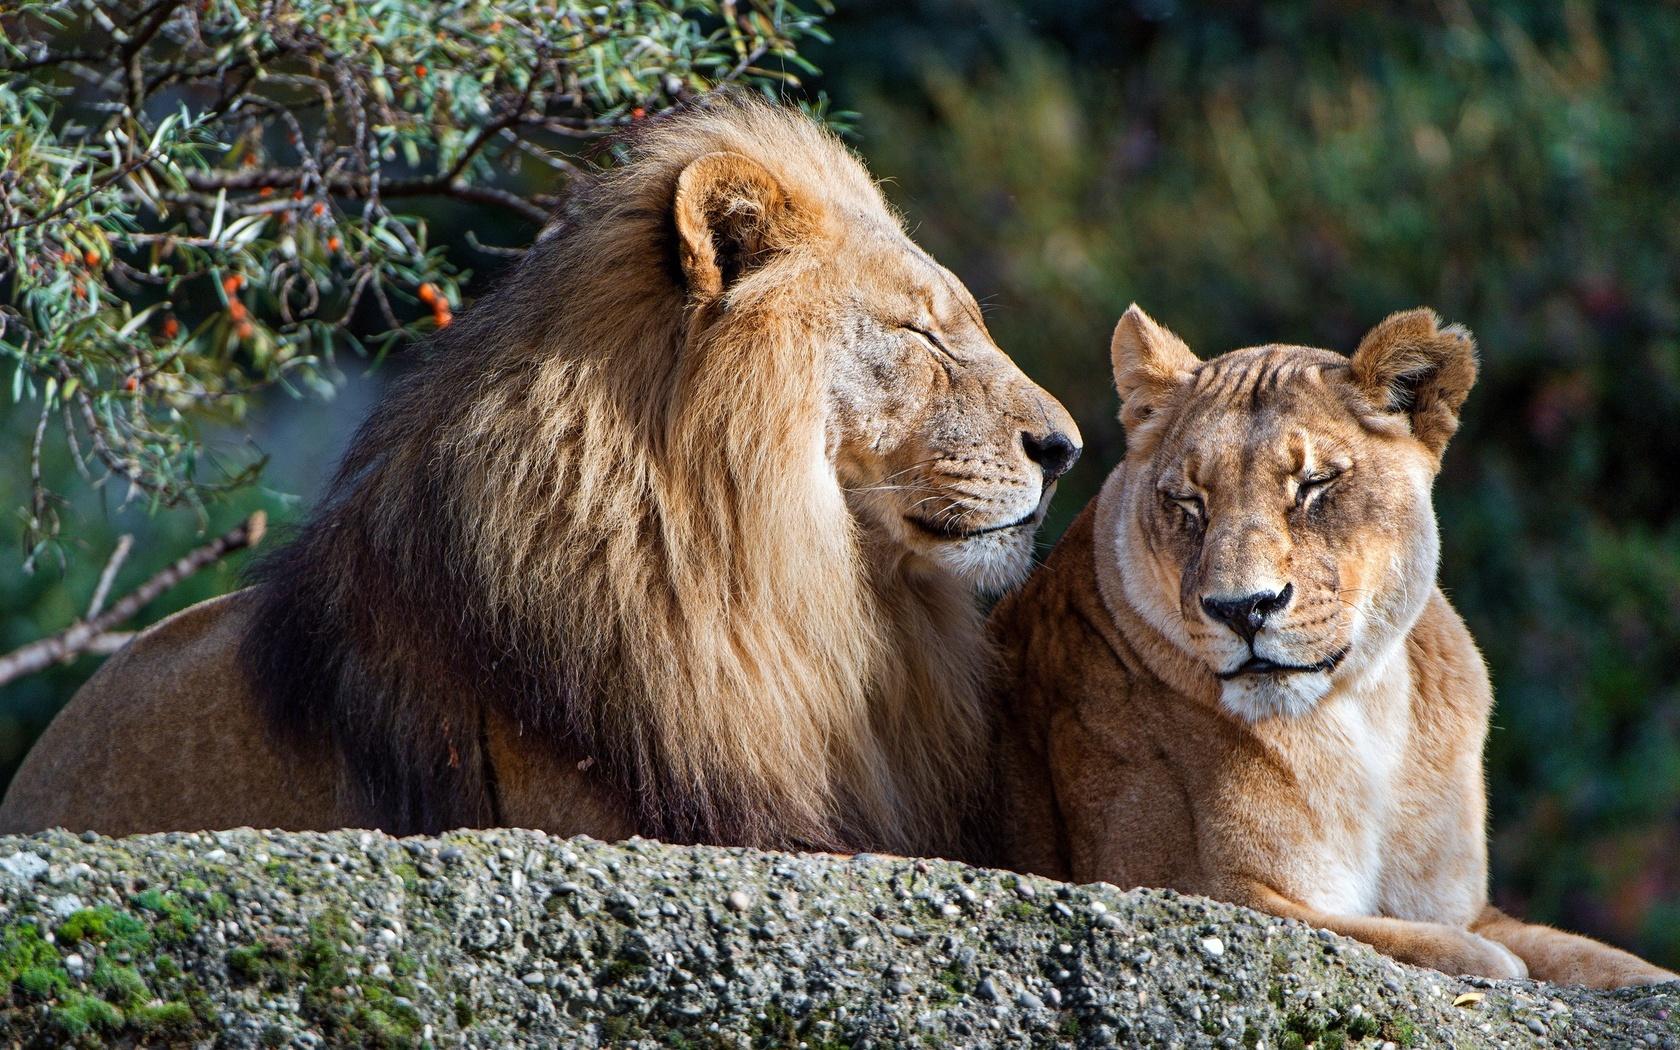 листья, любовь, кошки, ветки, природа, фон, отдых, камень, лев, семья, пара, дикие кошки, львы, львица, отношения